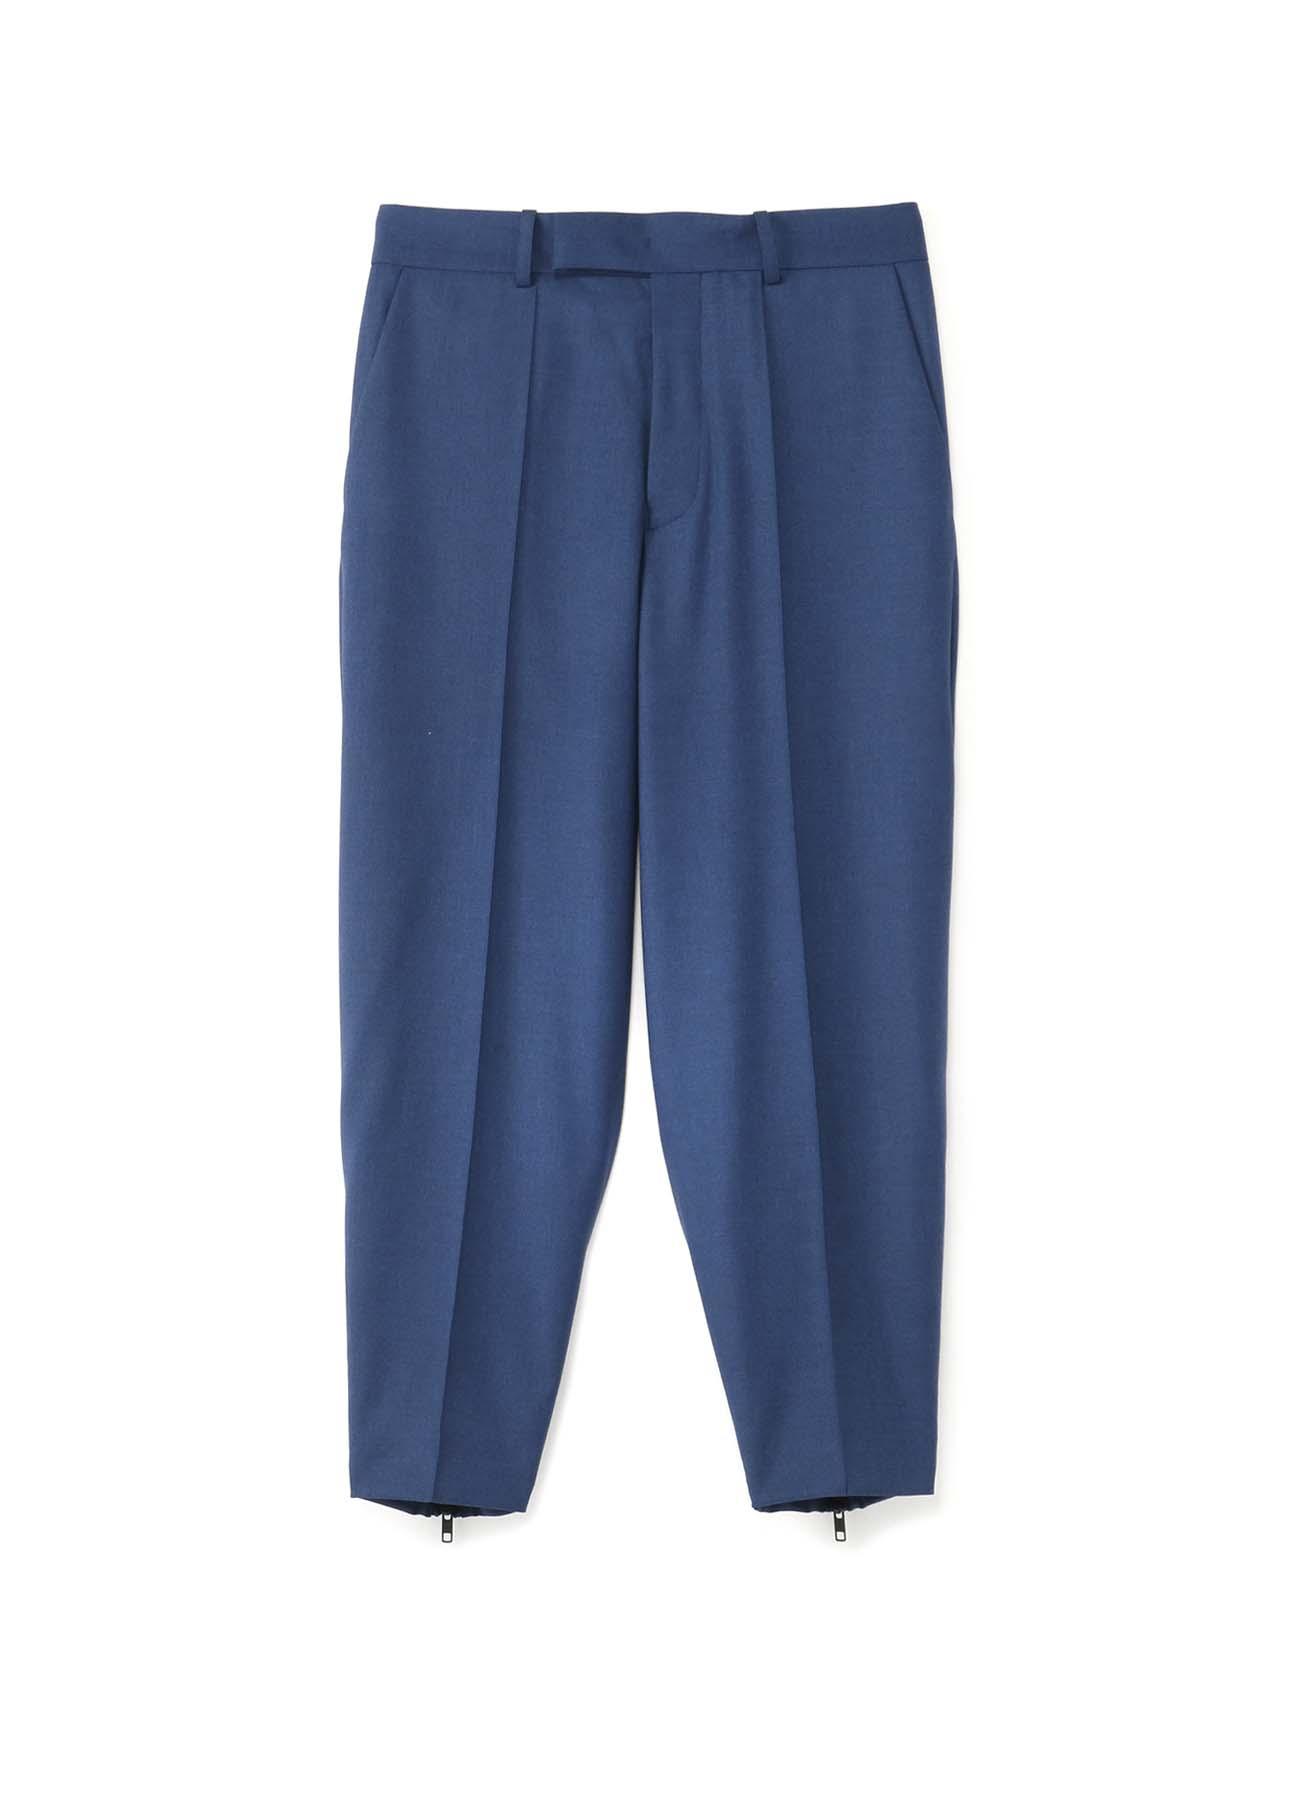 Y's PINK 可调节裤腿·弹力锥形裤